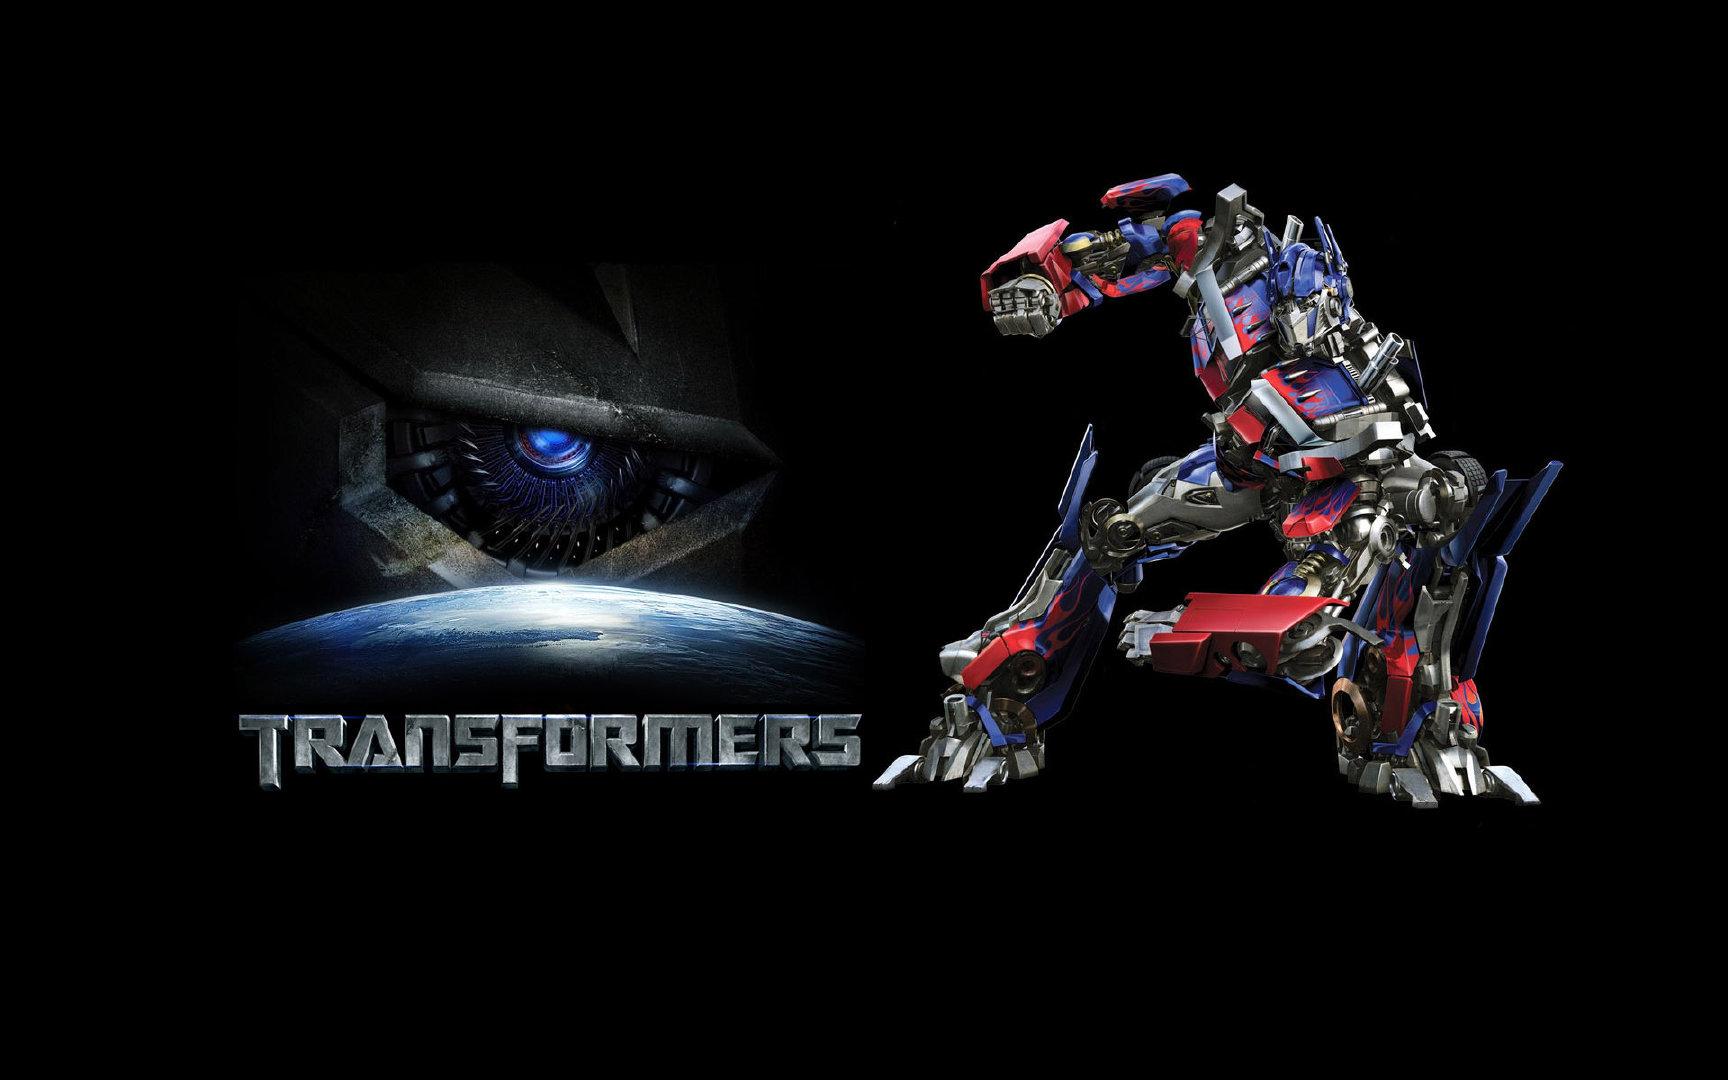 Transformers 第二辑4K超高清壁纸图片